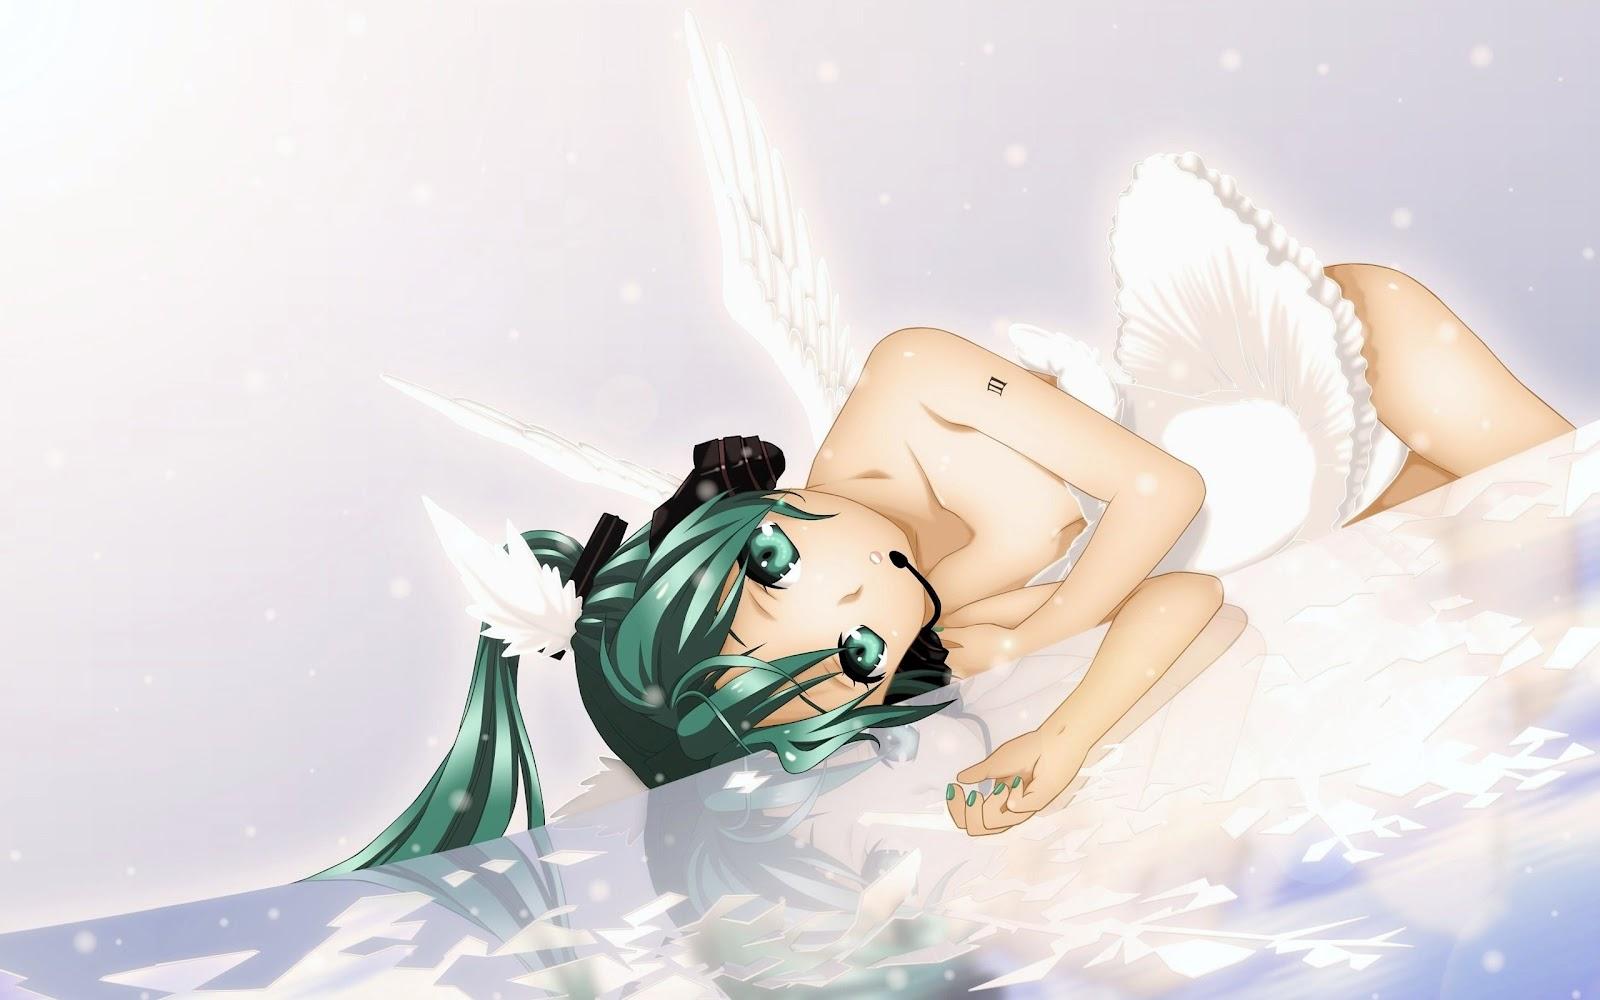 http://2.bp.blogspot.com/-_QDUXUL8fTo/UCiJ_O5Ez4I/AAAAAAAAAk8/lR98p4EqhVE/s1600/Vocaloid_miku_55_Wallpaper_2560x1600_wallpaperhere.jpg